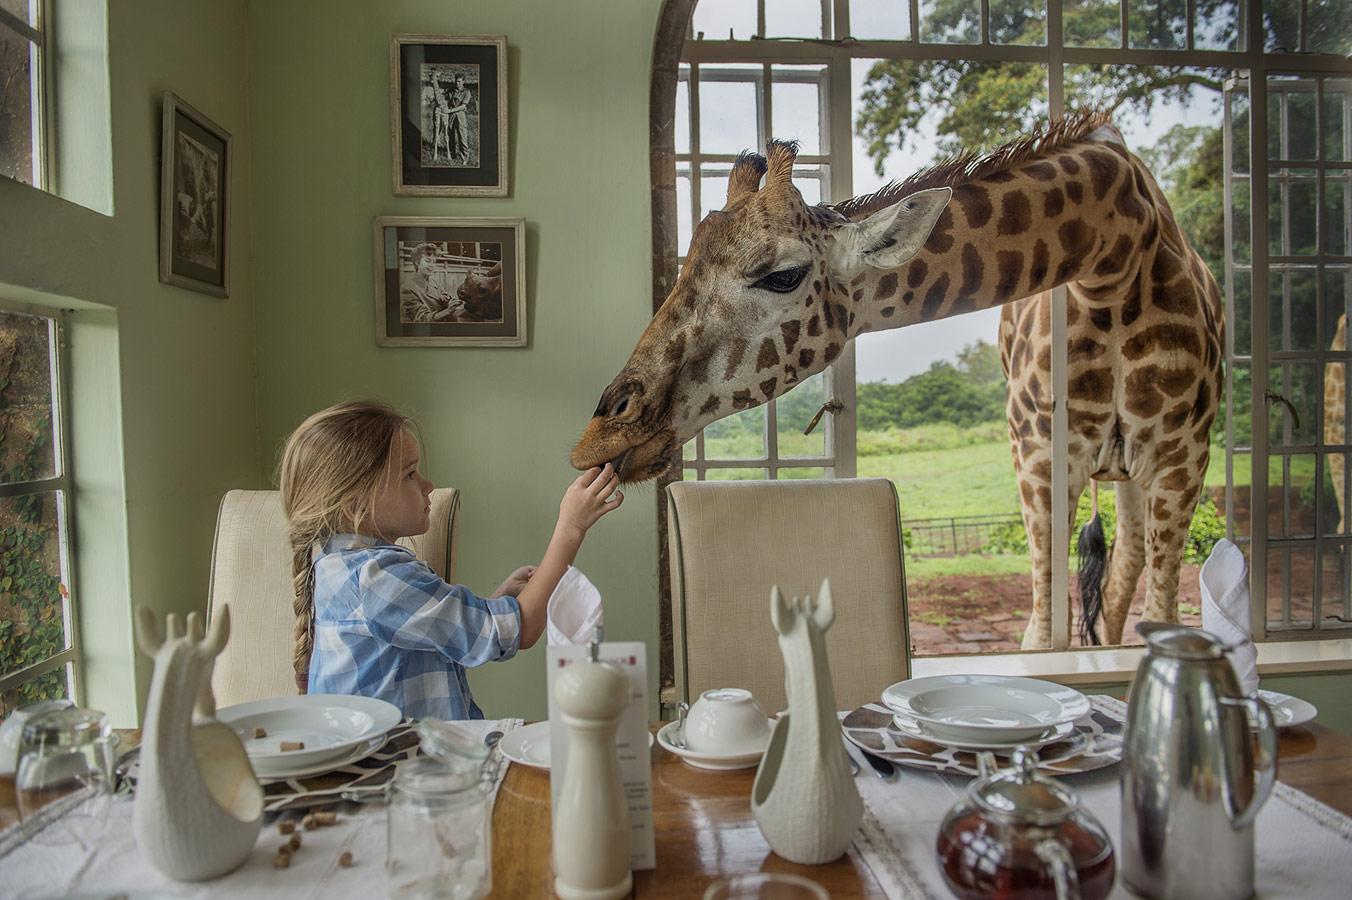 Ирина Остроухова, Завтрак с жирафом, 1 место в номинации «Детская фотография», профессионалы, Фотоконкурс Nikon «Я в сердце изображения»